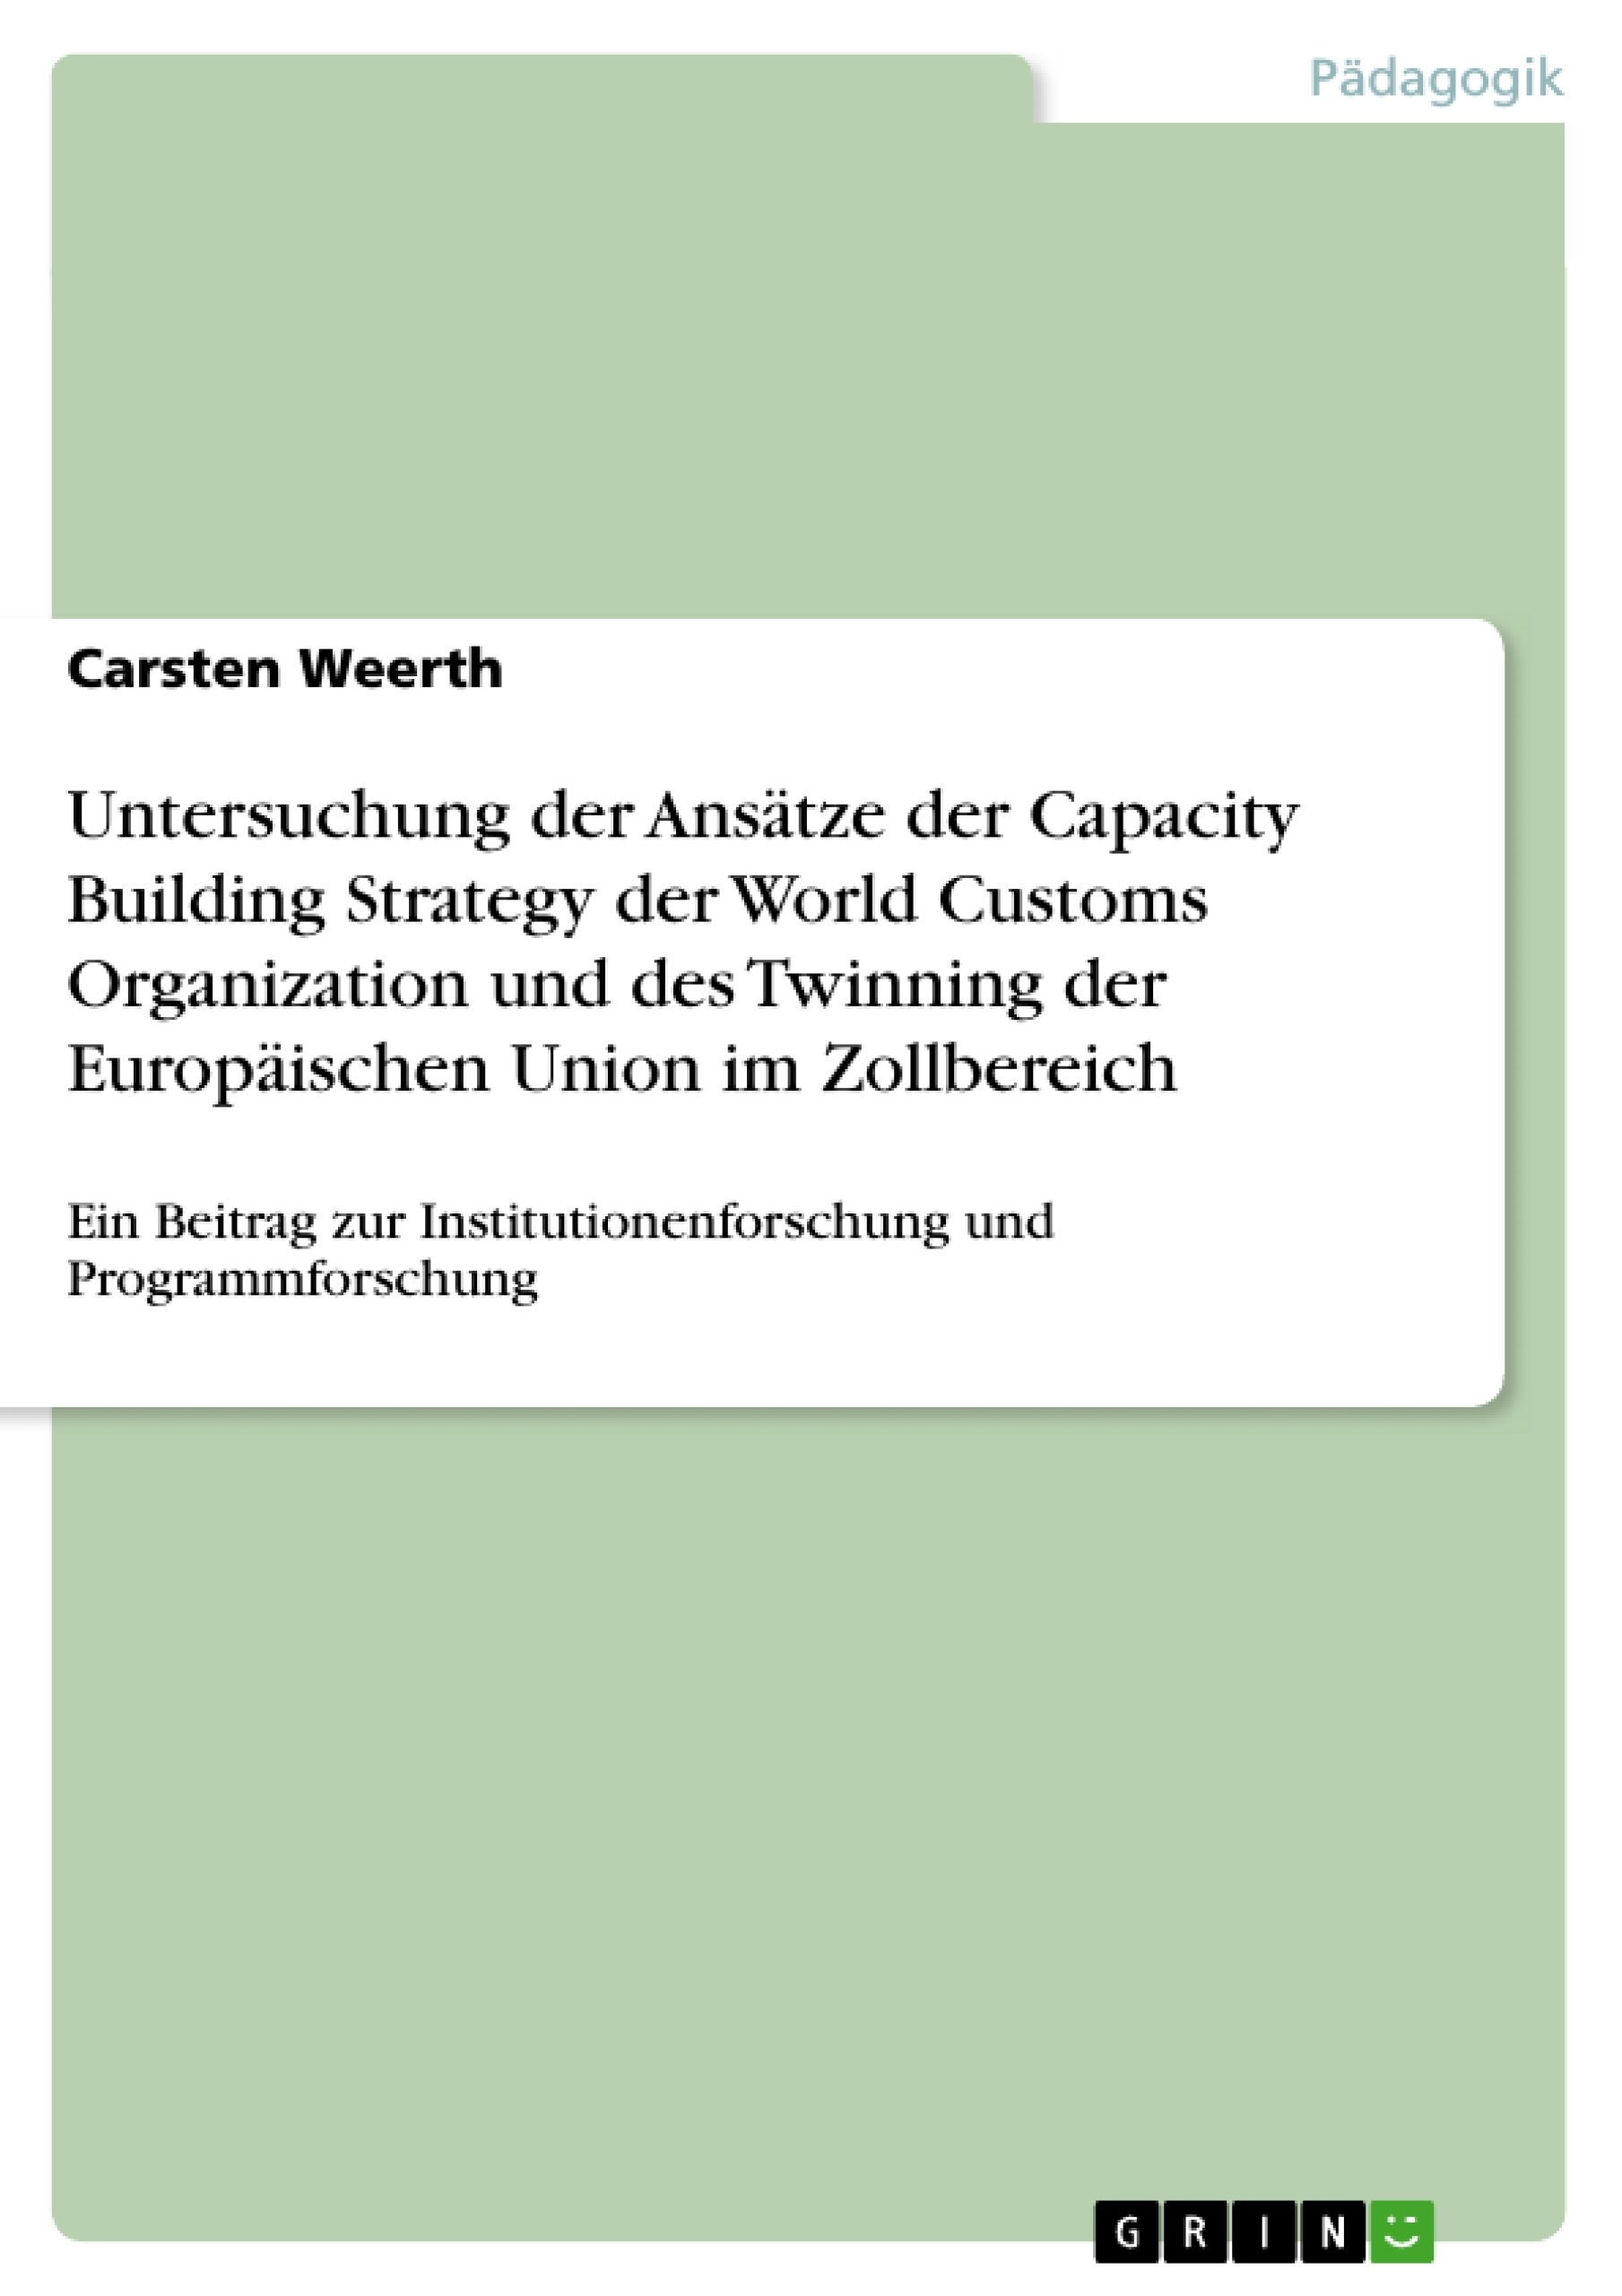 Titel: Untersuchung der Ansätze der Capacity Building Strategy der World Customs Organization und des Twinning der Europäischen Union im Zollbereich